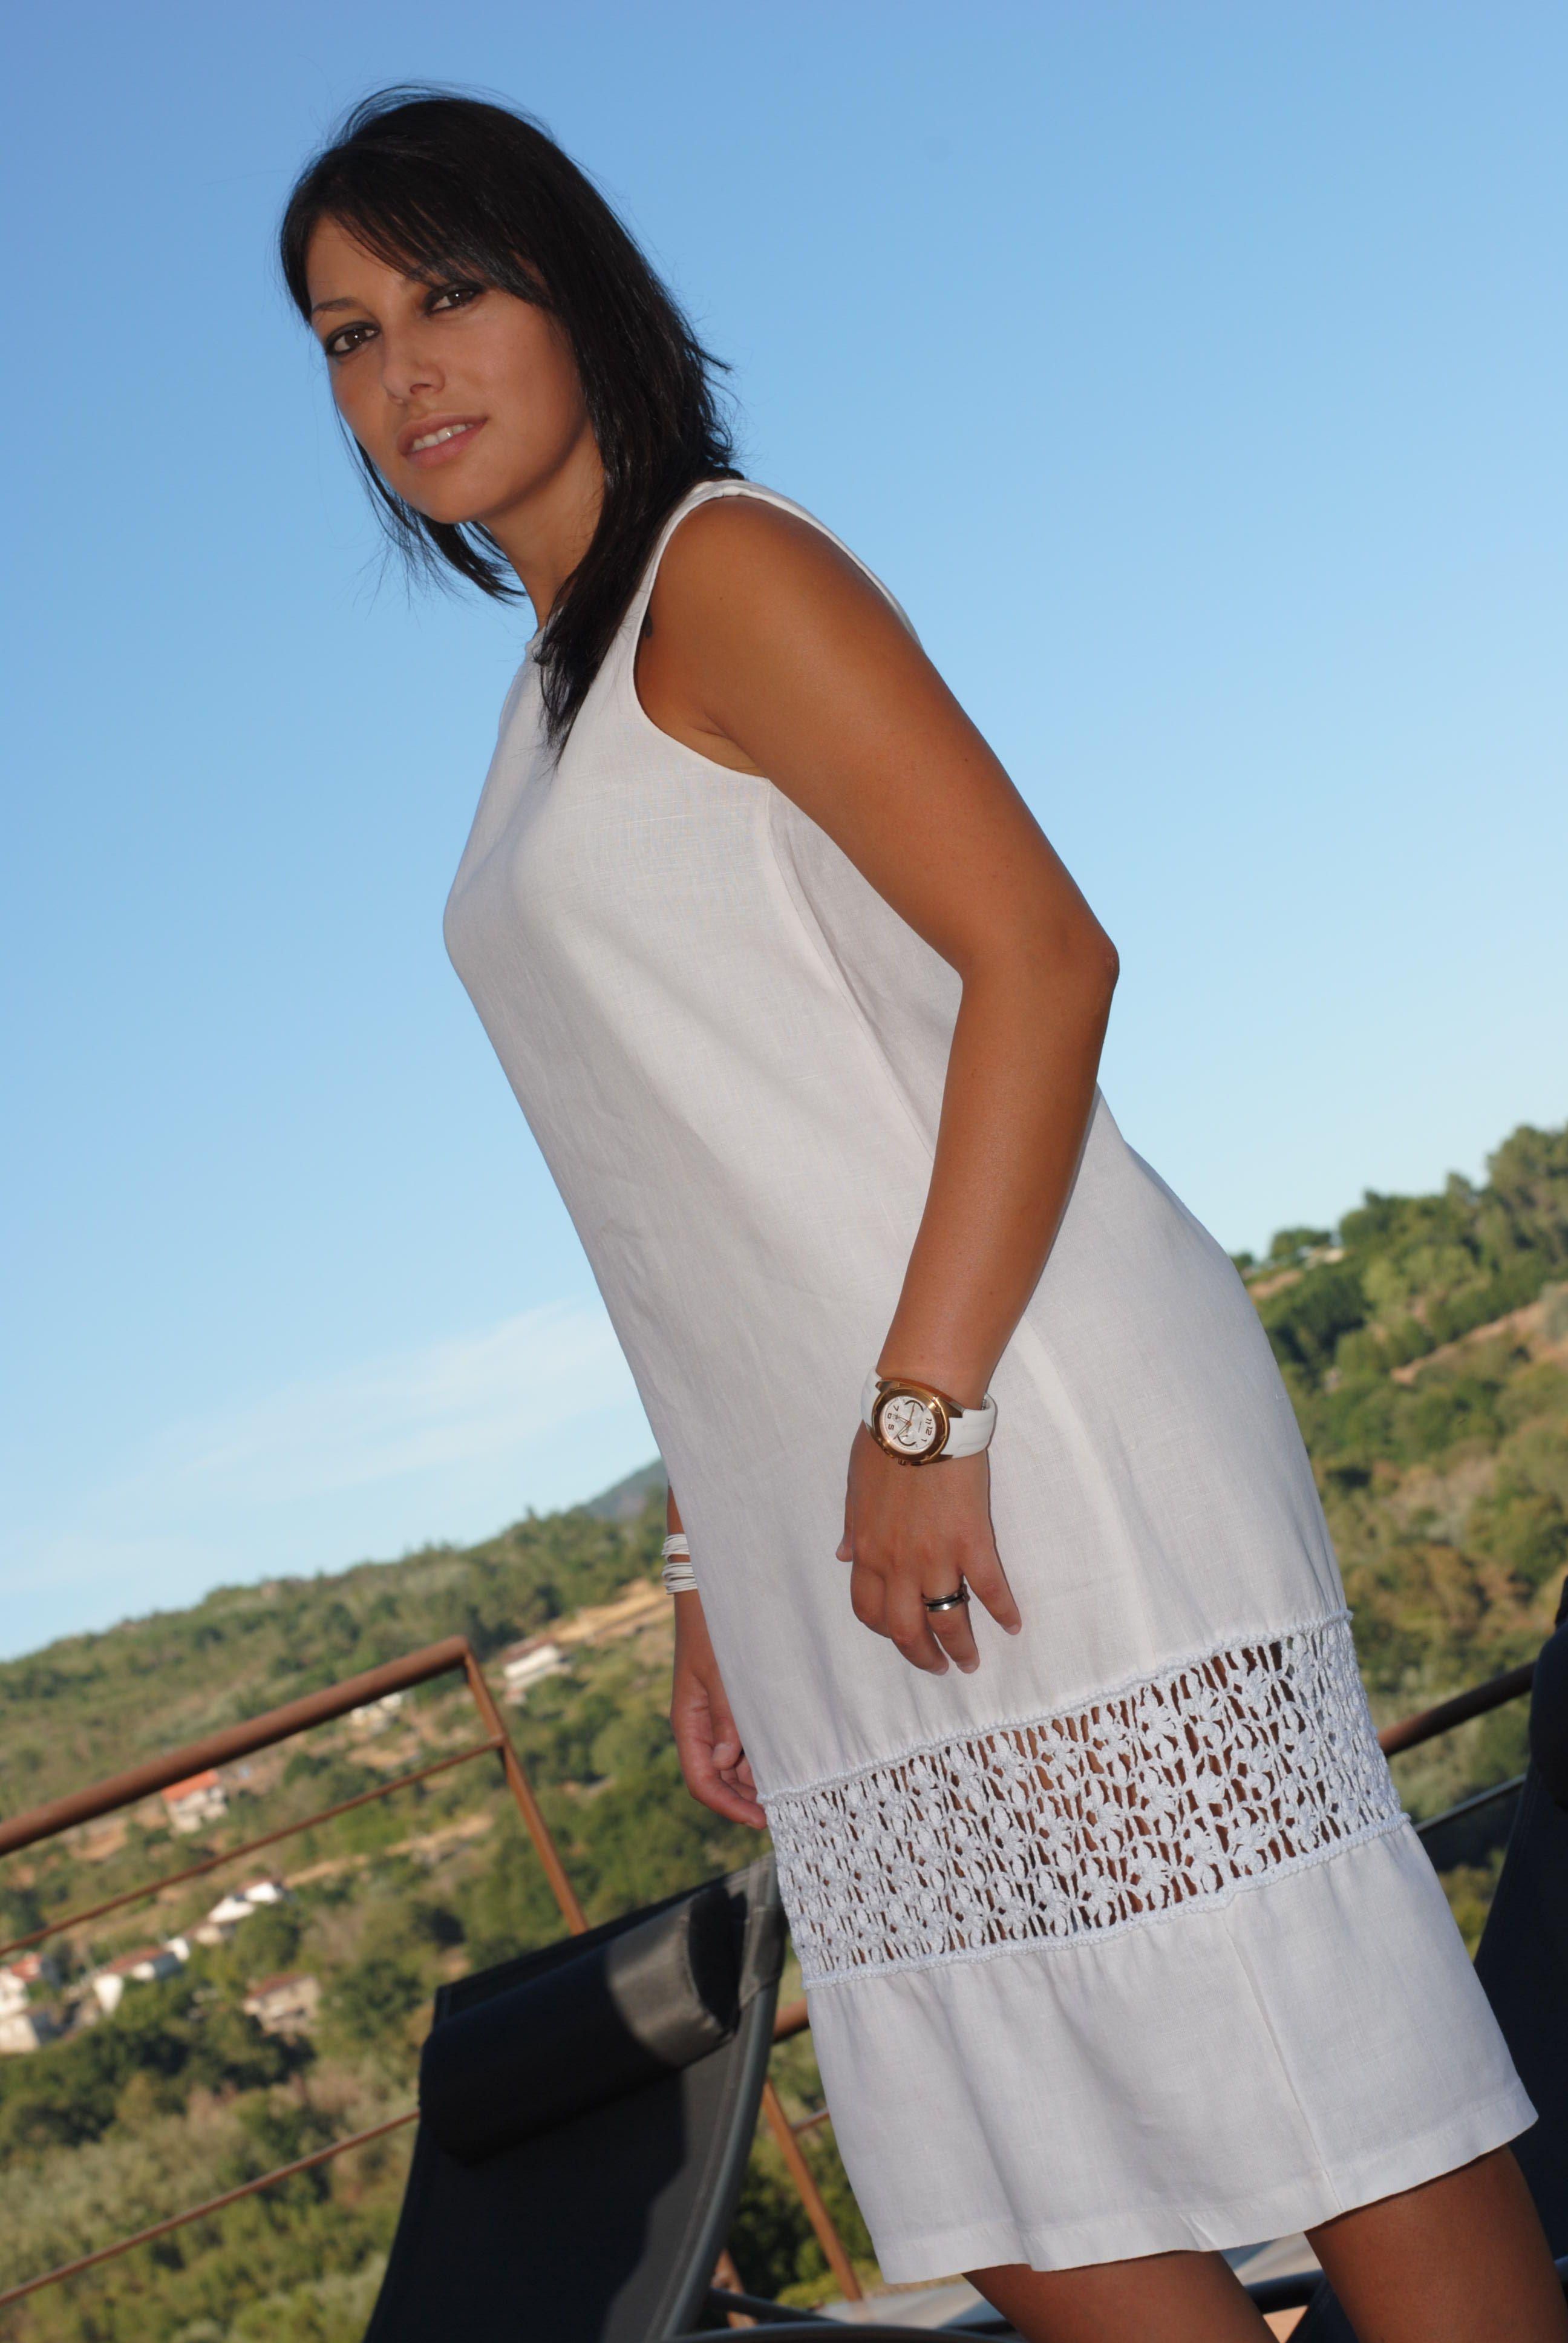 ff58bff6 Vestido blanco de lino, con una cenefa de algodón confeccionada a ganchillo  en la parte inferior del vestido.